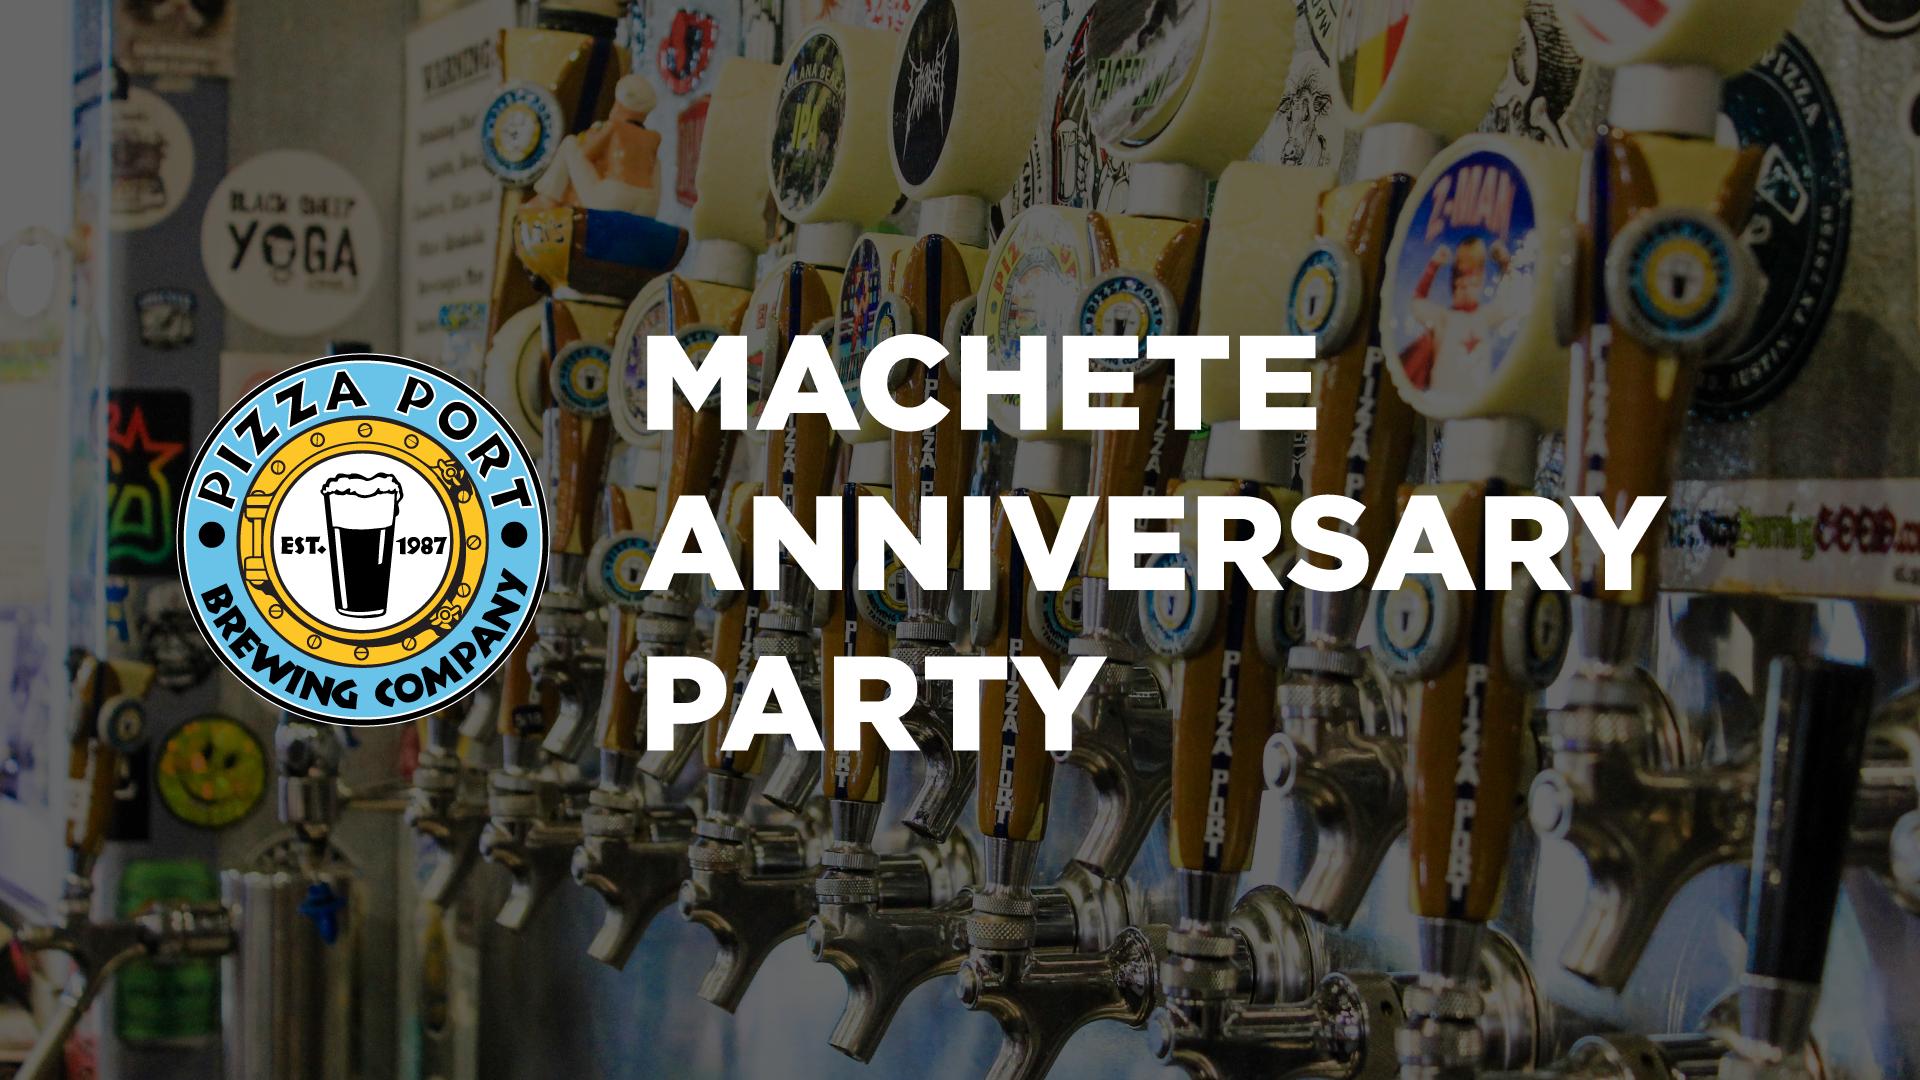 Machete Anniversary Party